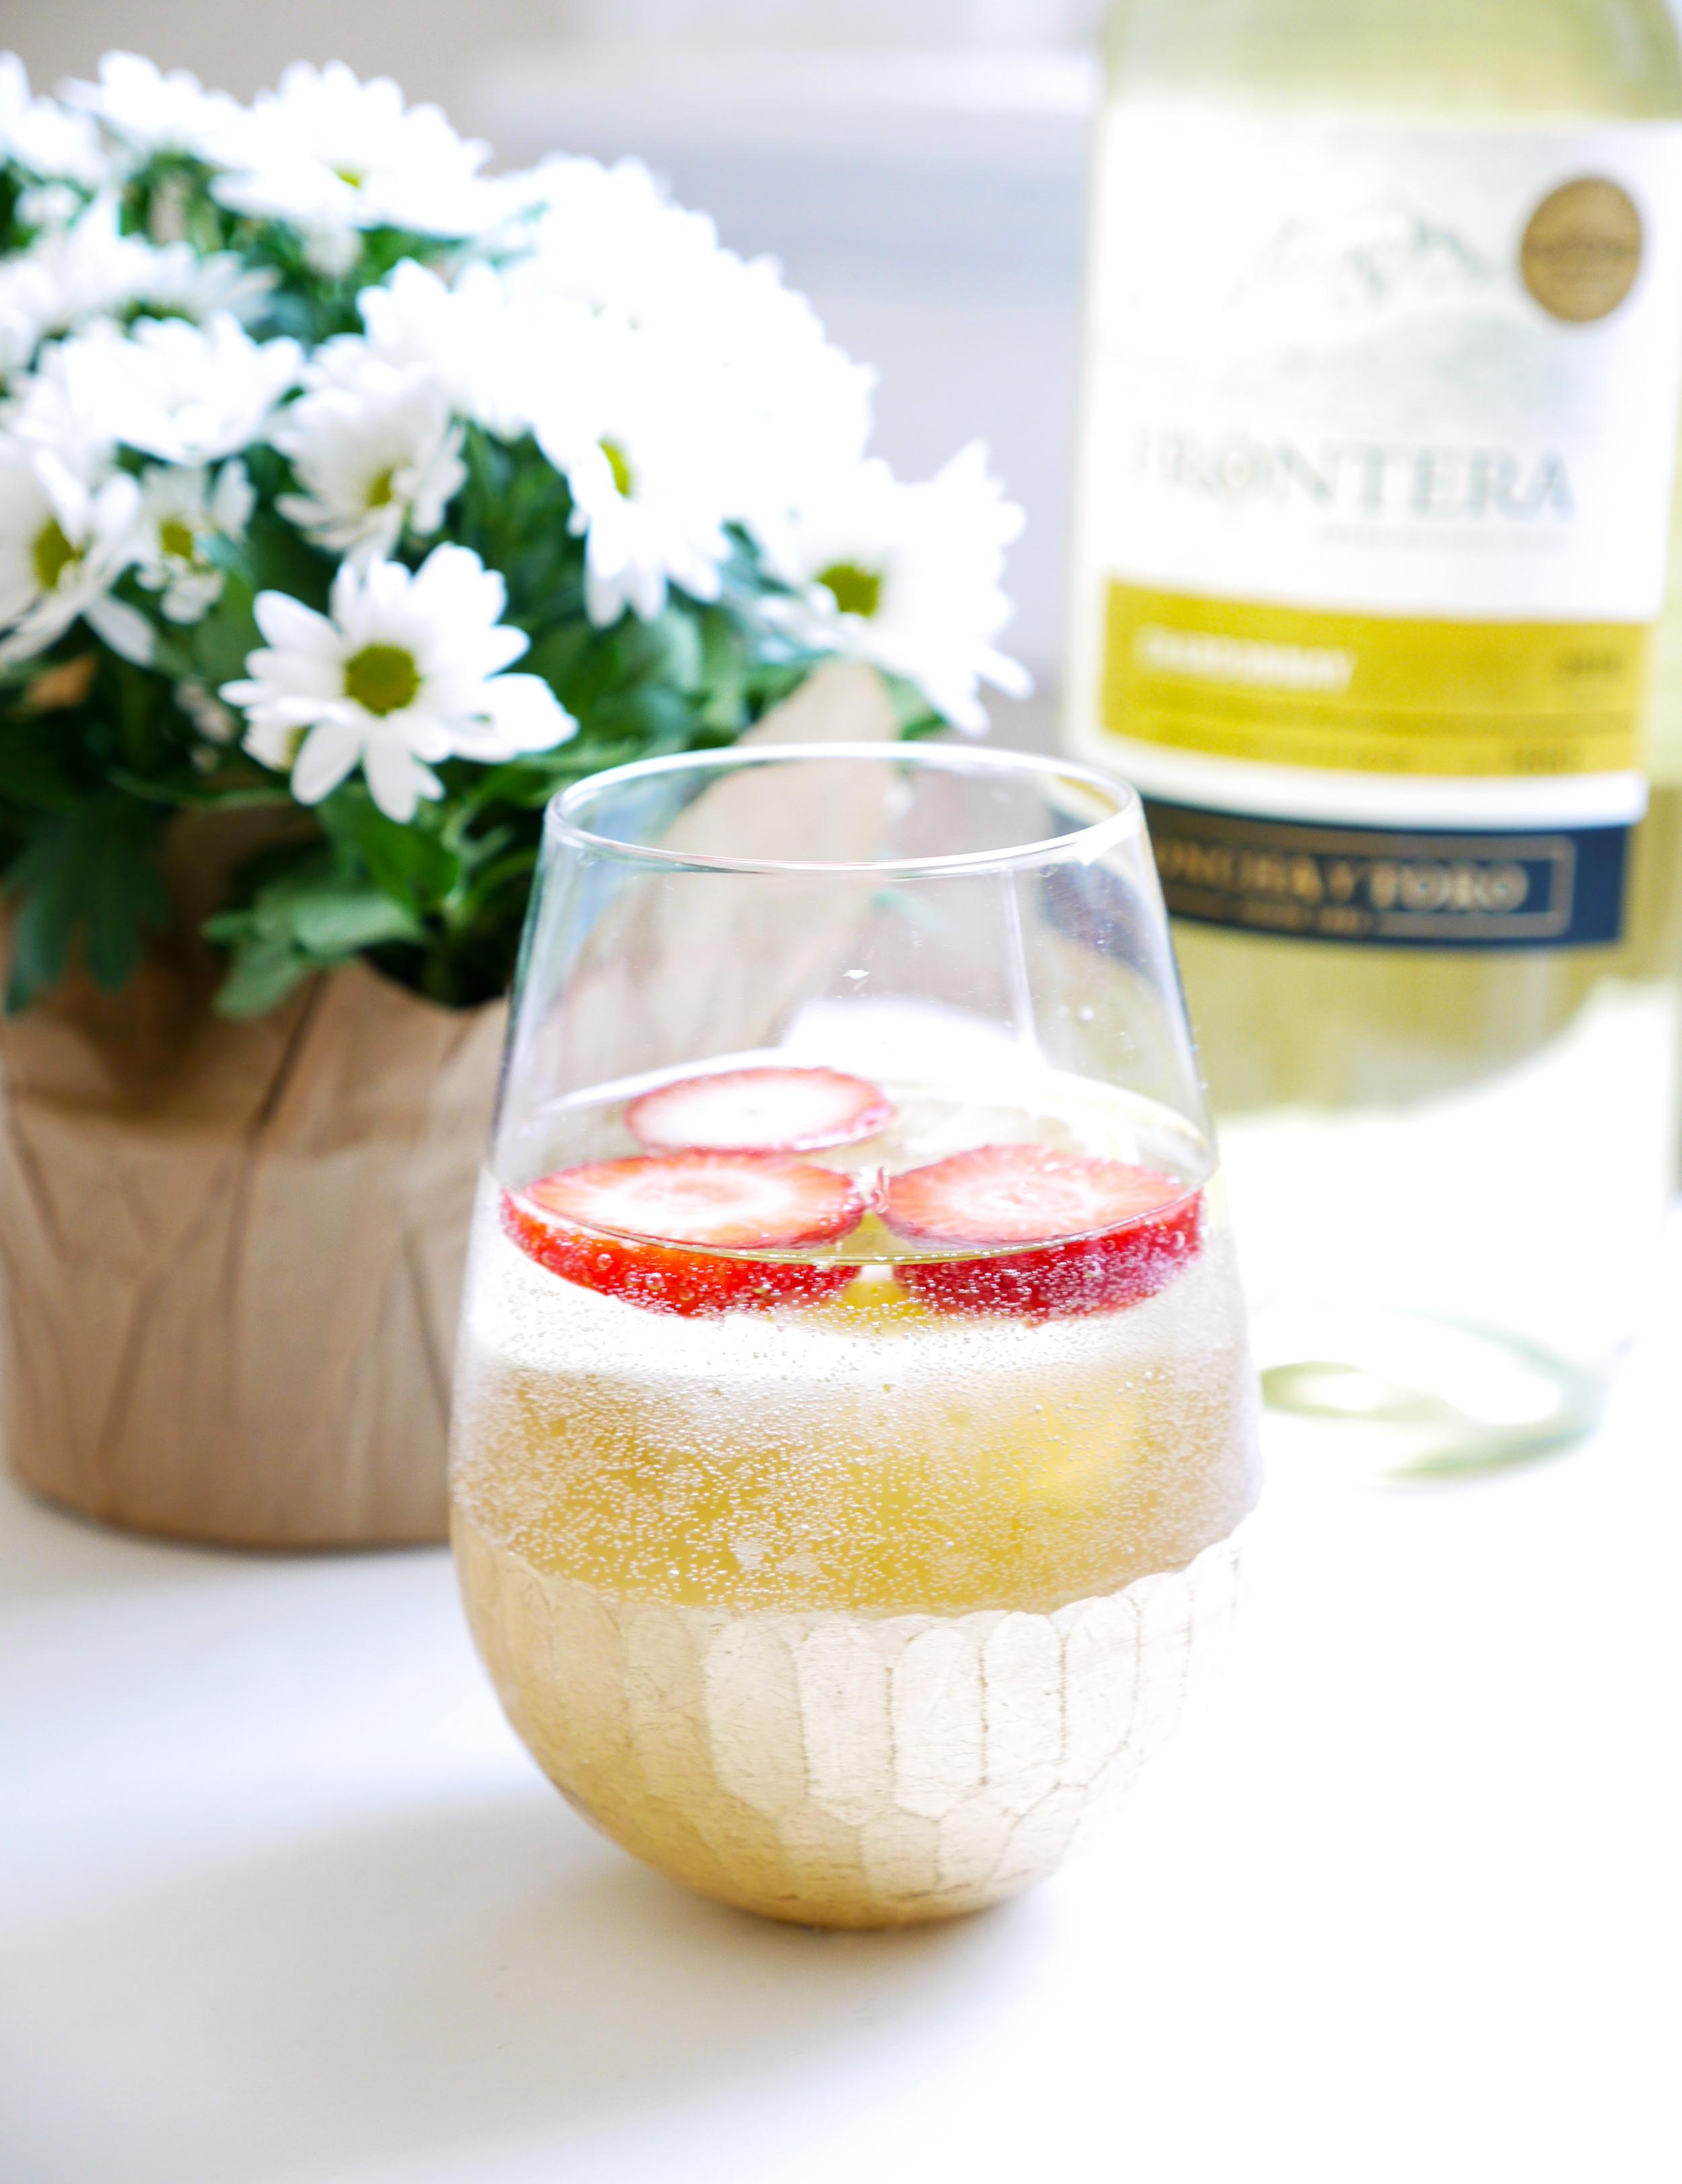 Spring Sangria - Strawberry, Kiwi, Citrus, Frontera Chardonnay ...